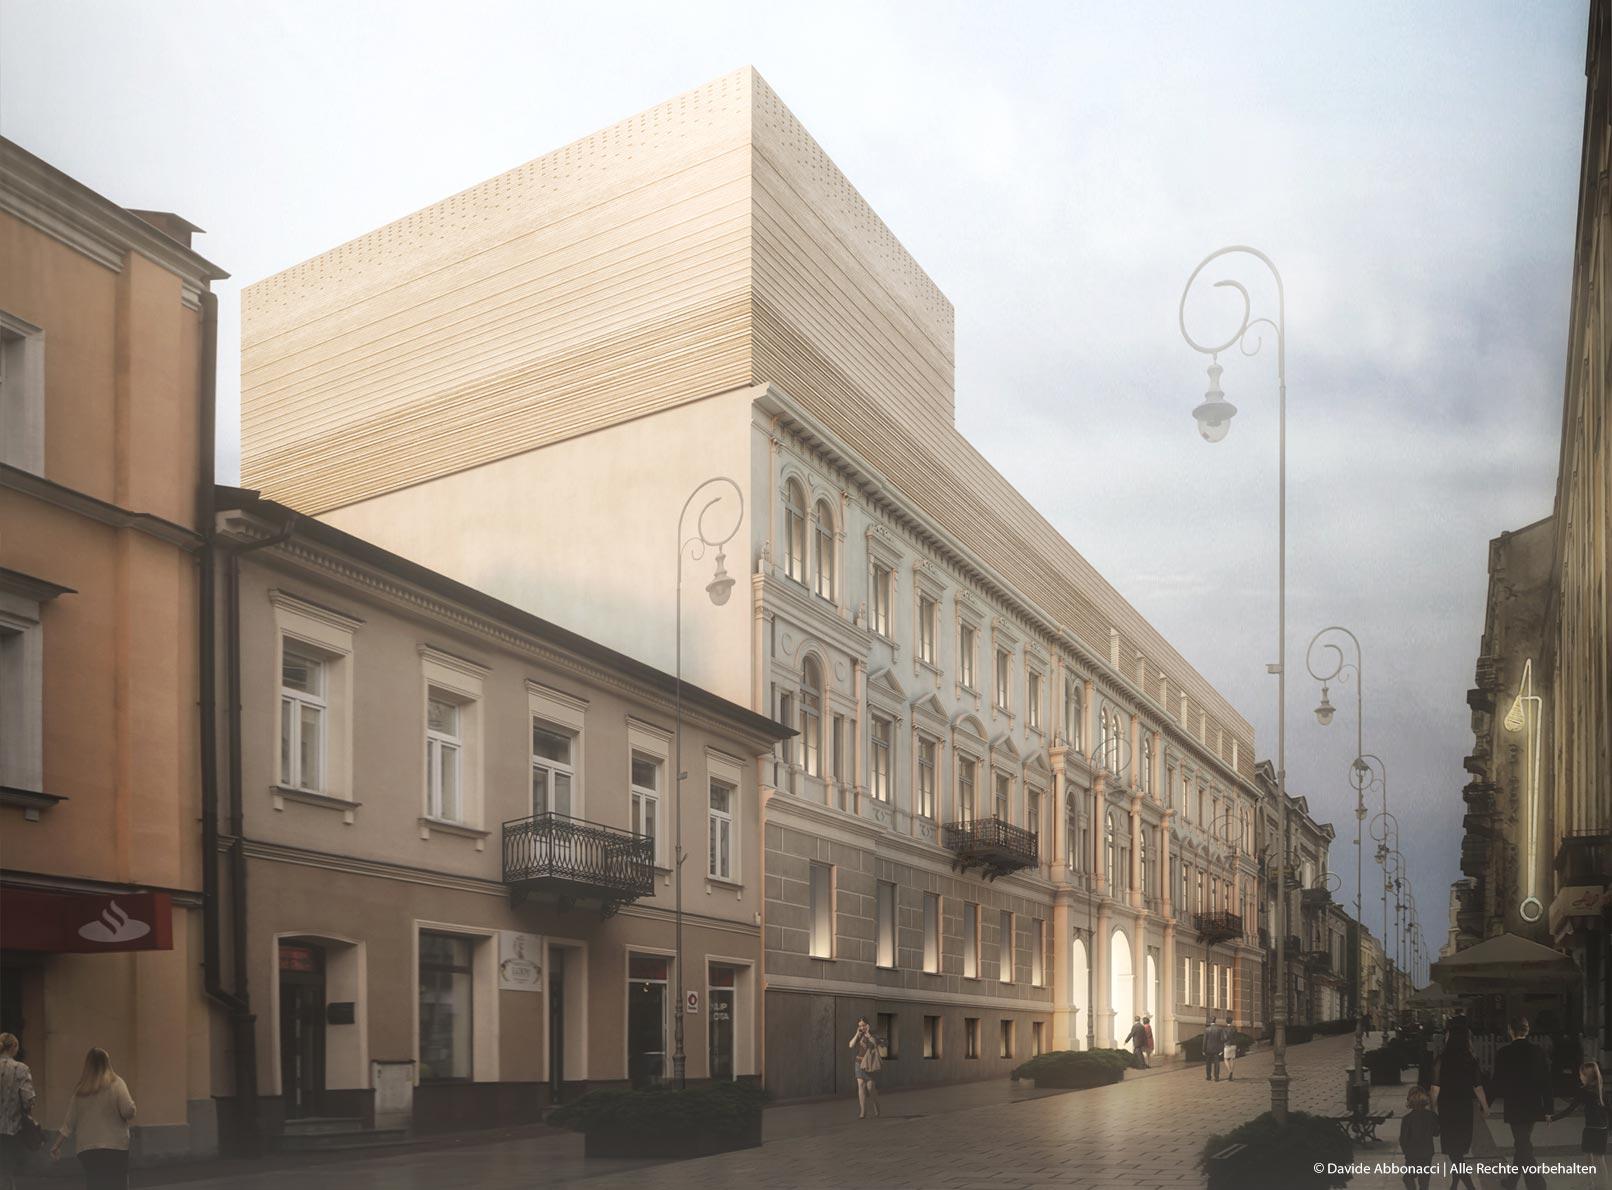 Umbau Zeromski Theater, Kielce, Polen   M-OST Architekten - Patrycja Okuljar mit Malgorzata Zmyslowska   2017 Wettbewerbsvisualisierung   2. Preis